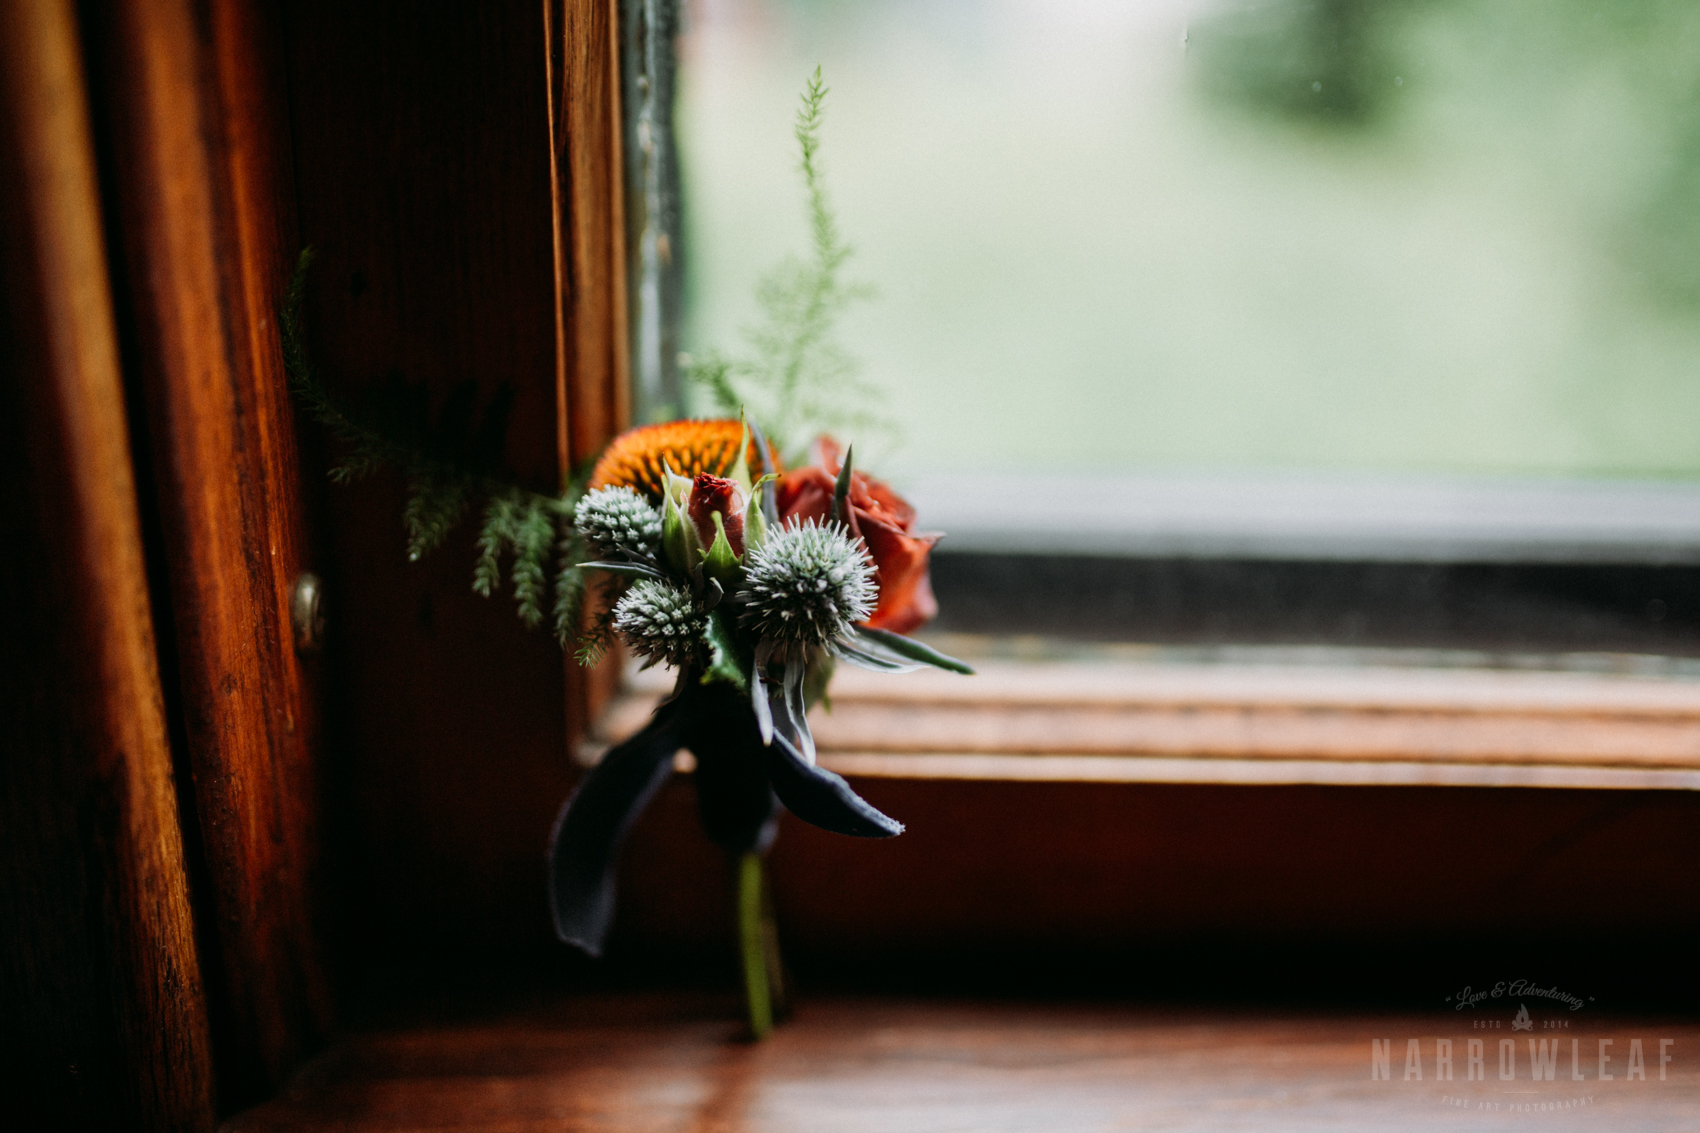 bayfield-wi-beach-wedding-groom-details-wild-flower-boutoniere.jpg